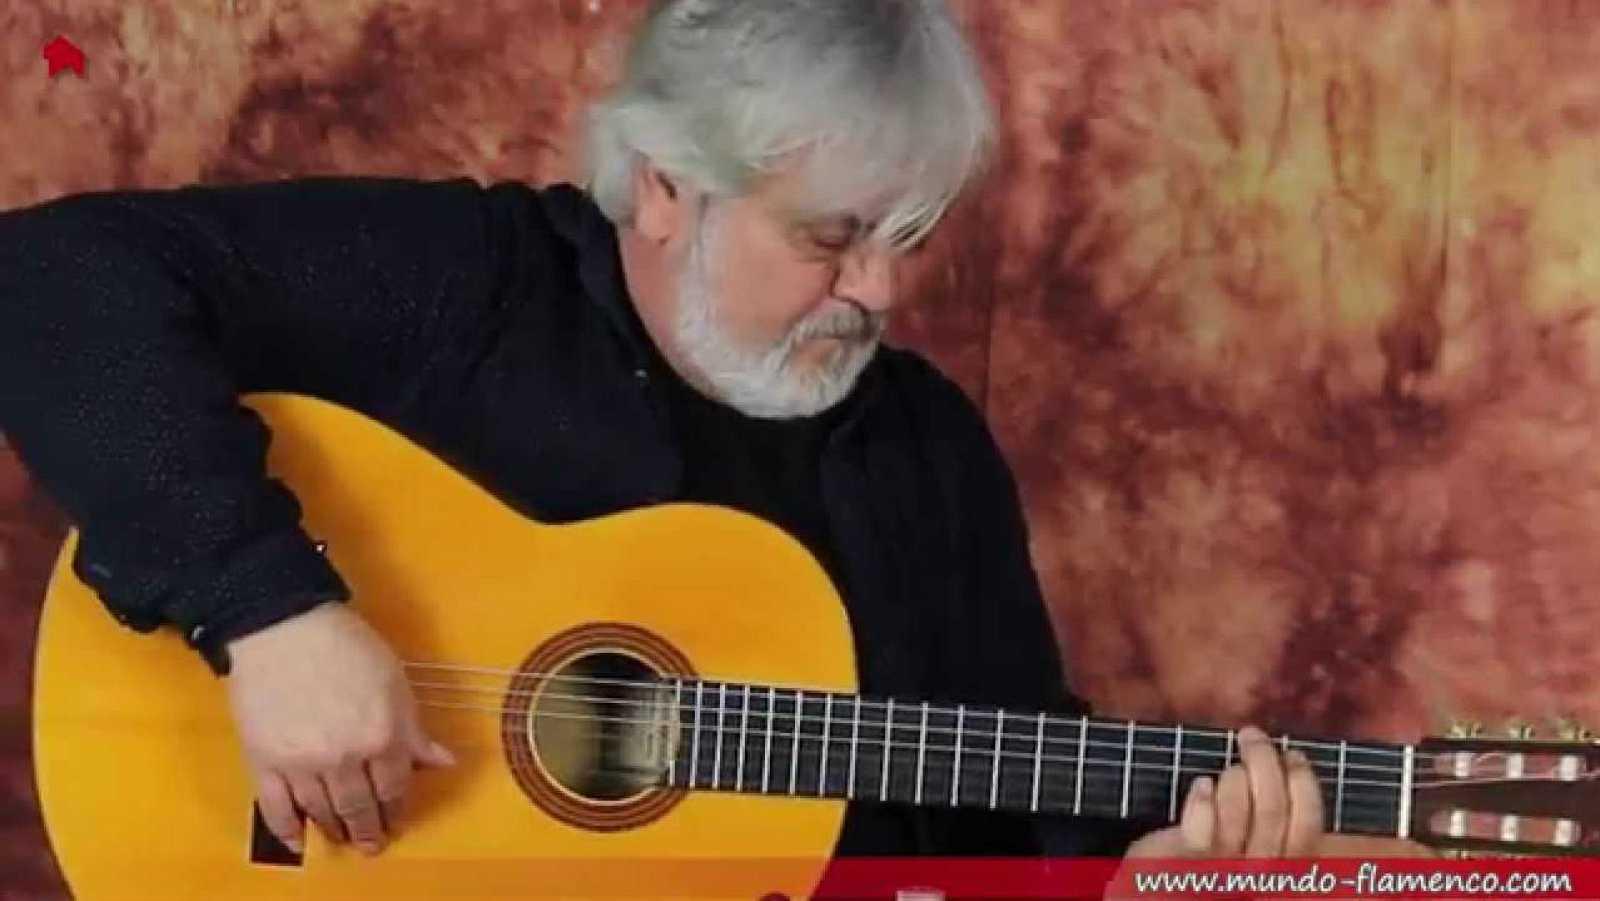 Flamenco en Radio 5 - Dos aguas - primera parte - 11/02/17 - Escuchar ahora